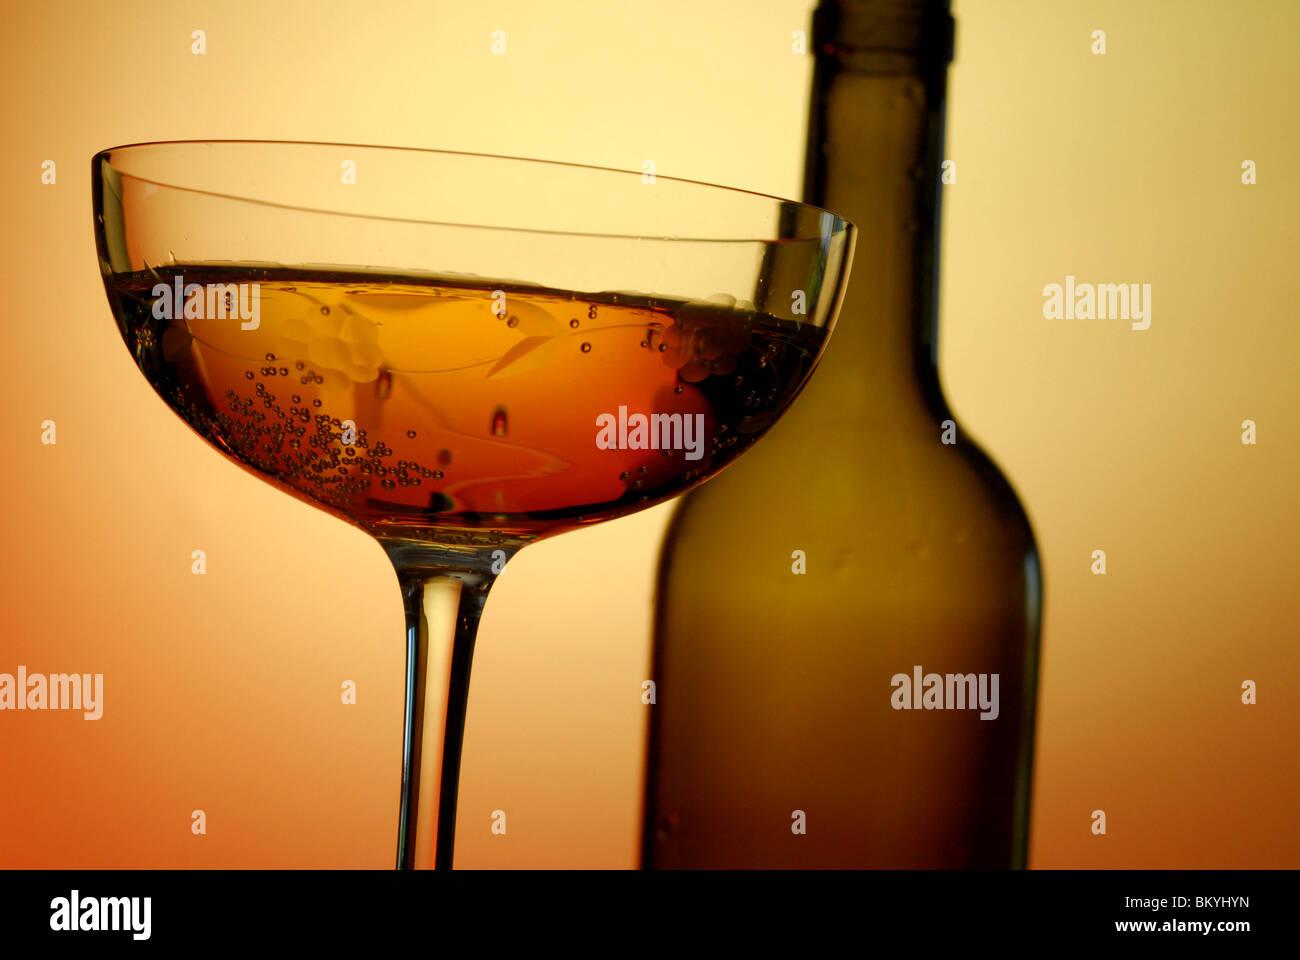 Abstraktes Bild von einem Glas Wein von unten mit einer Flasche in der Ferne Stockbild